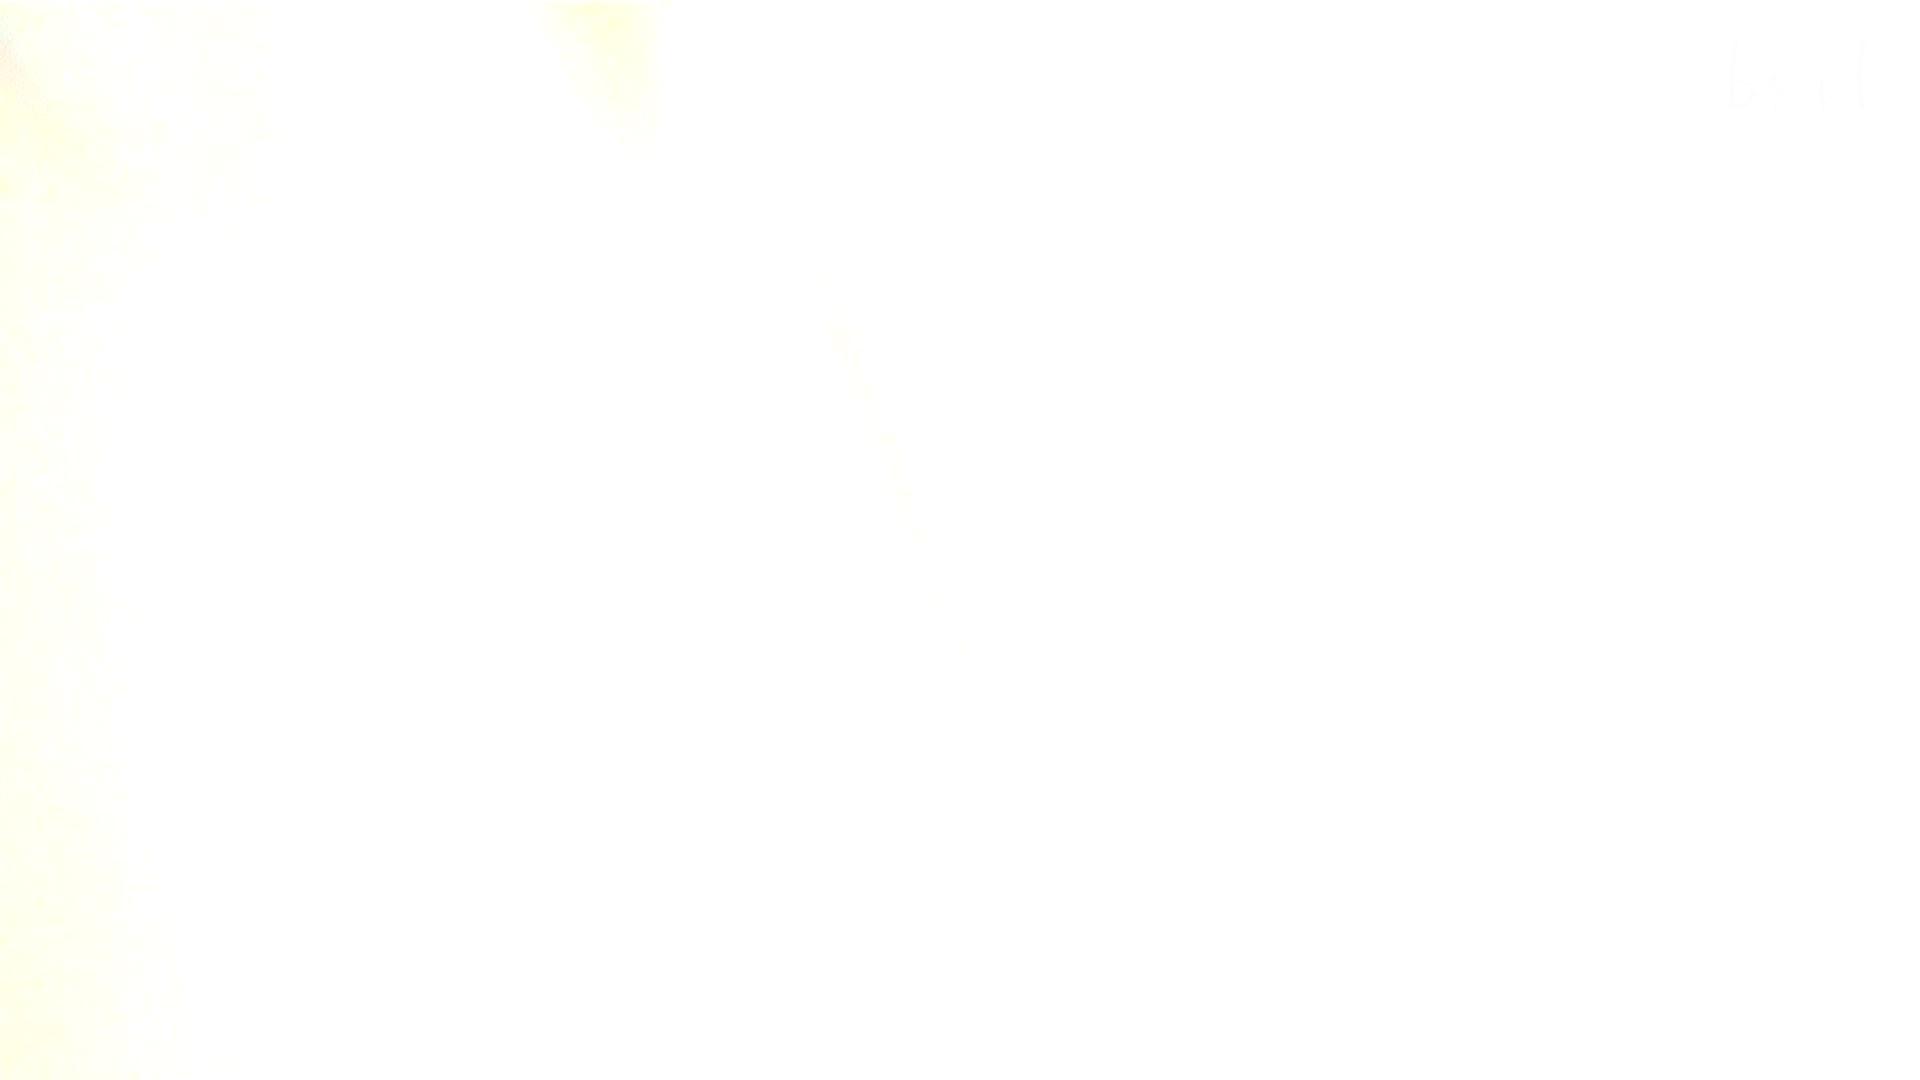 ナースのお小水 vol.001 ぱっくり下半身 ワレメ動画紹介 55画像 5